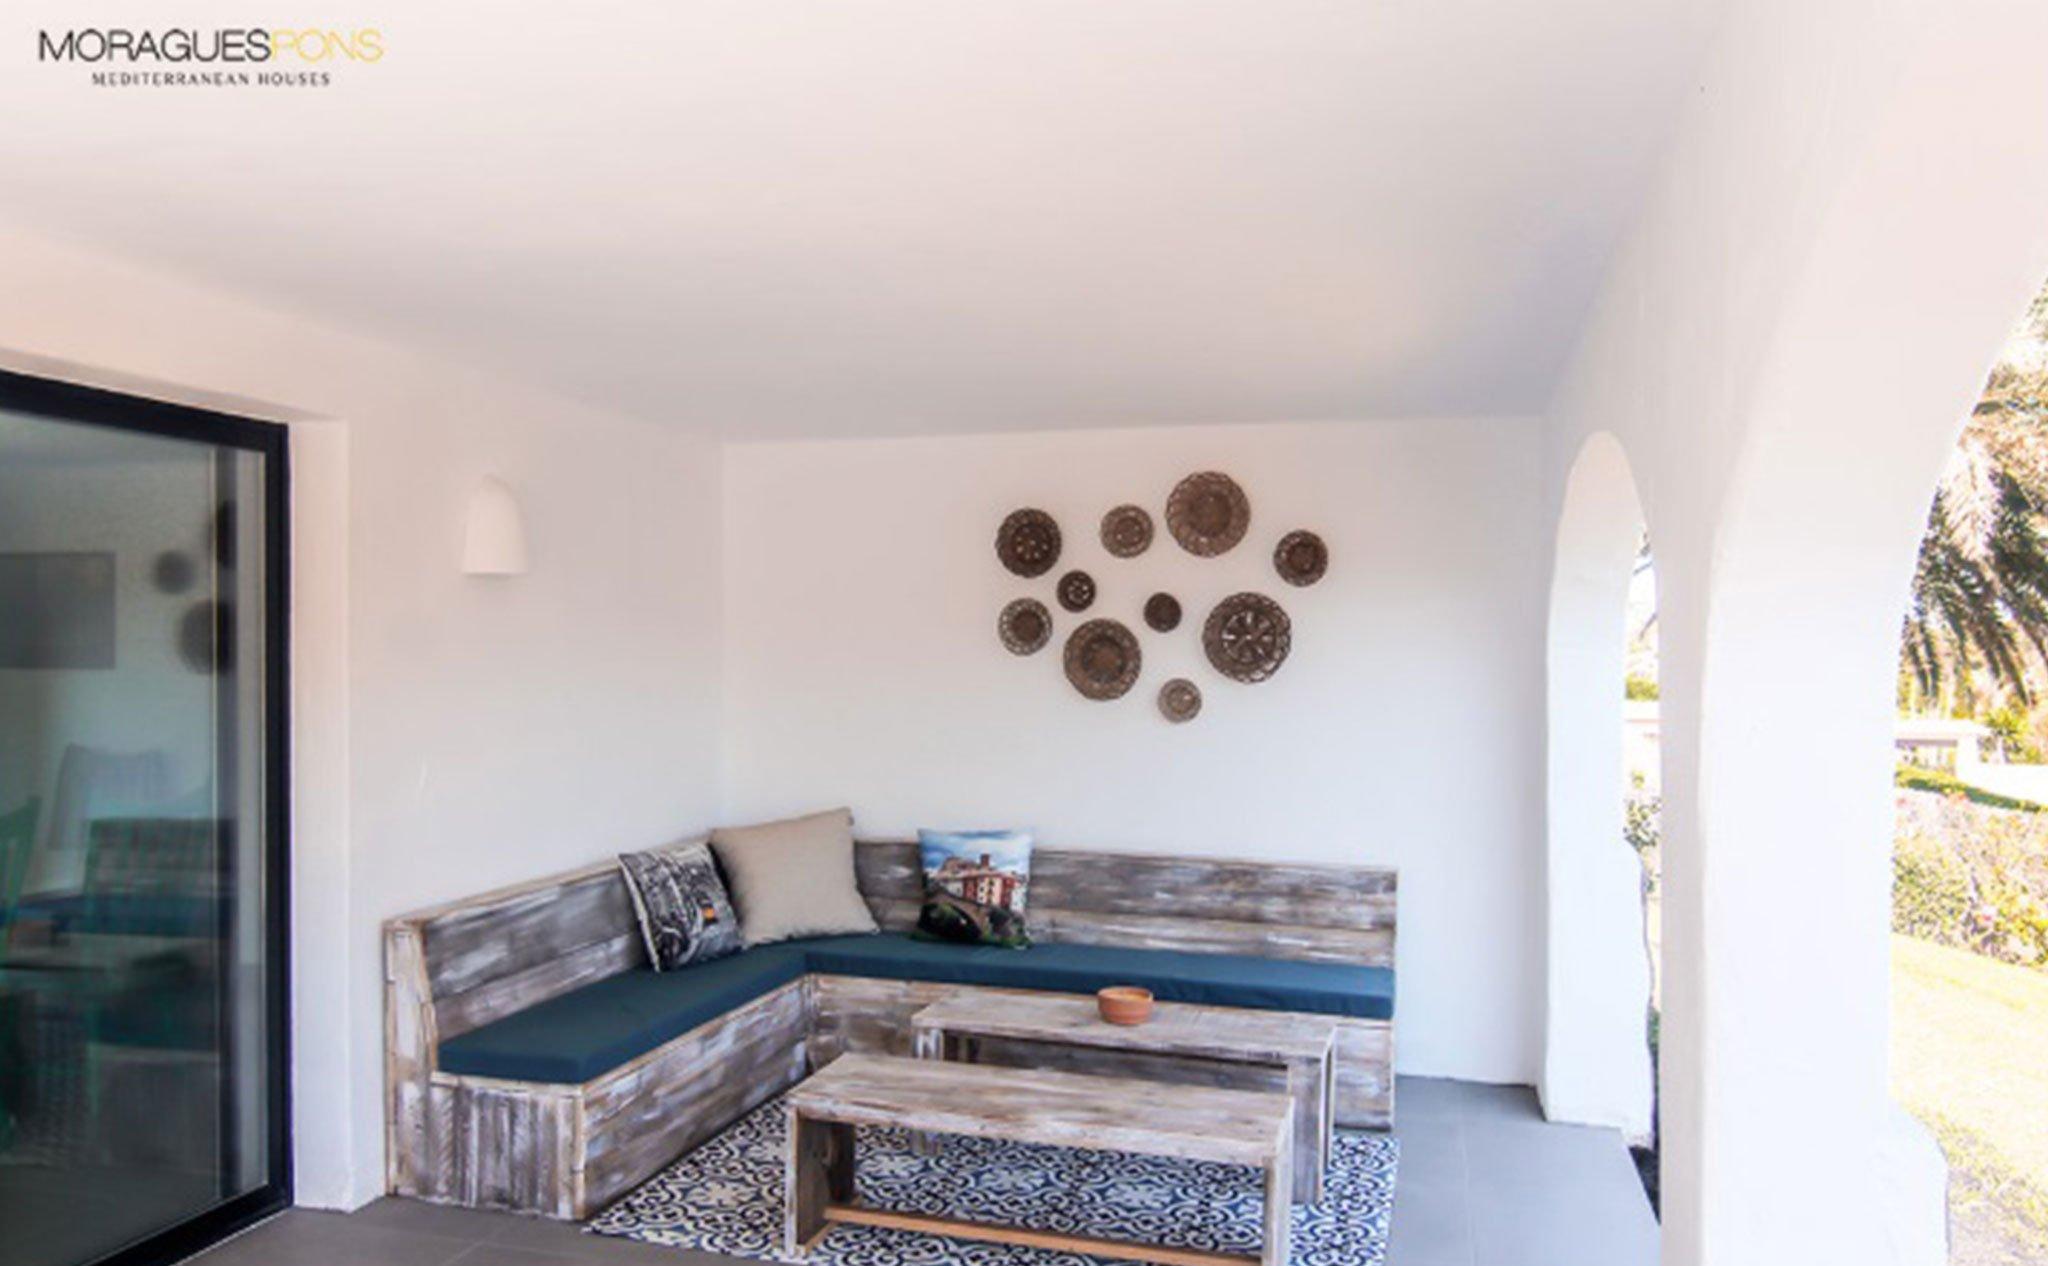 Terraza de una casa en venta o alquiler en Jávea – MORAGUESPONS Mediterranean Houses